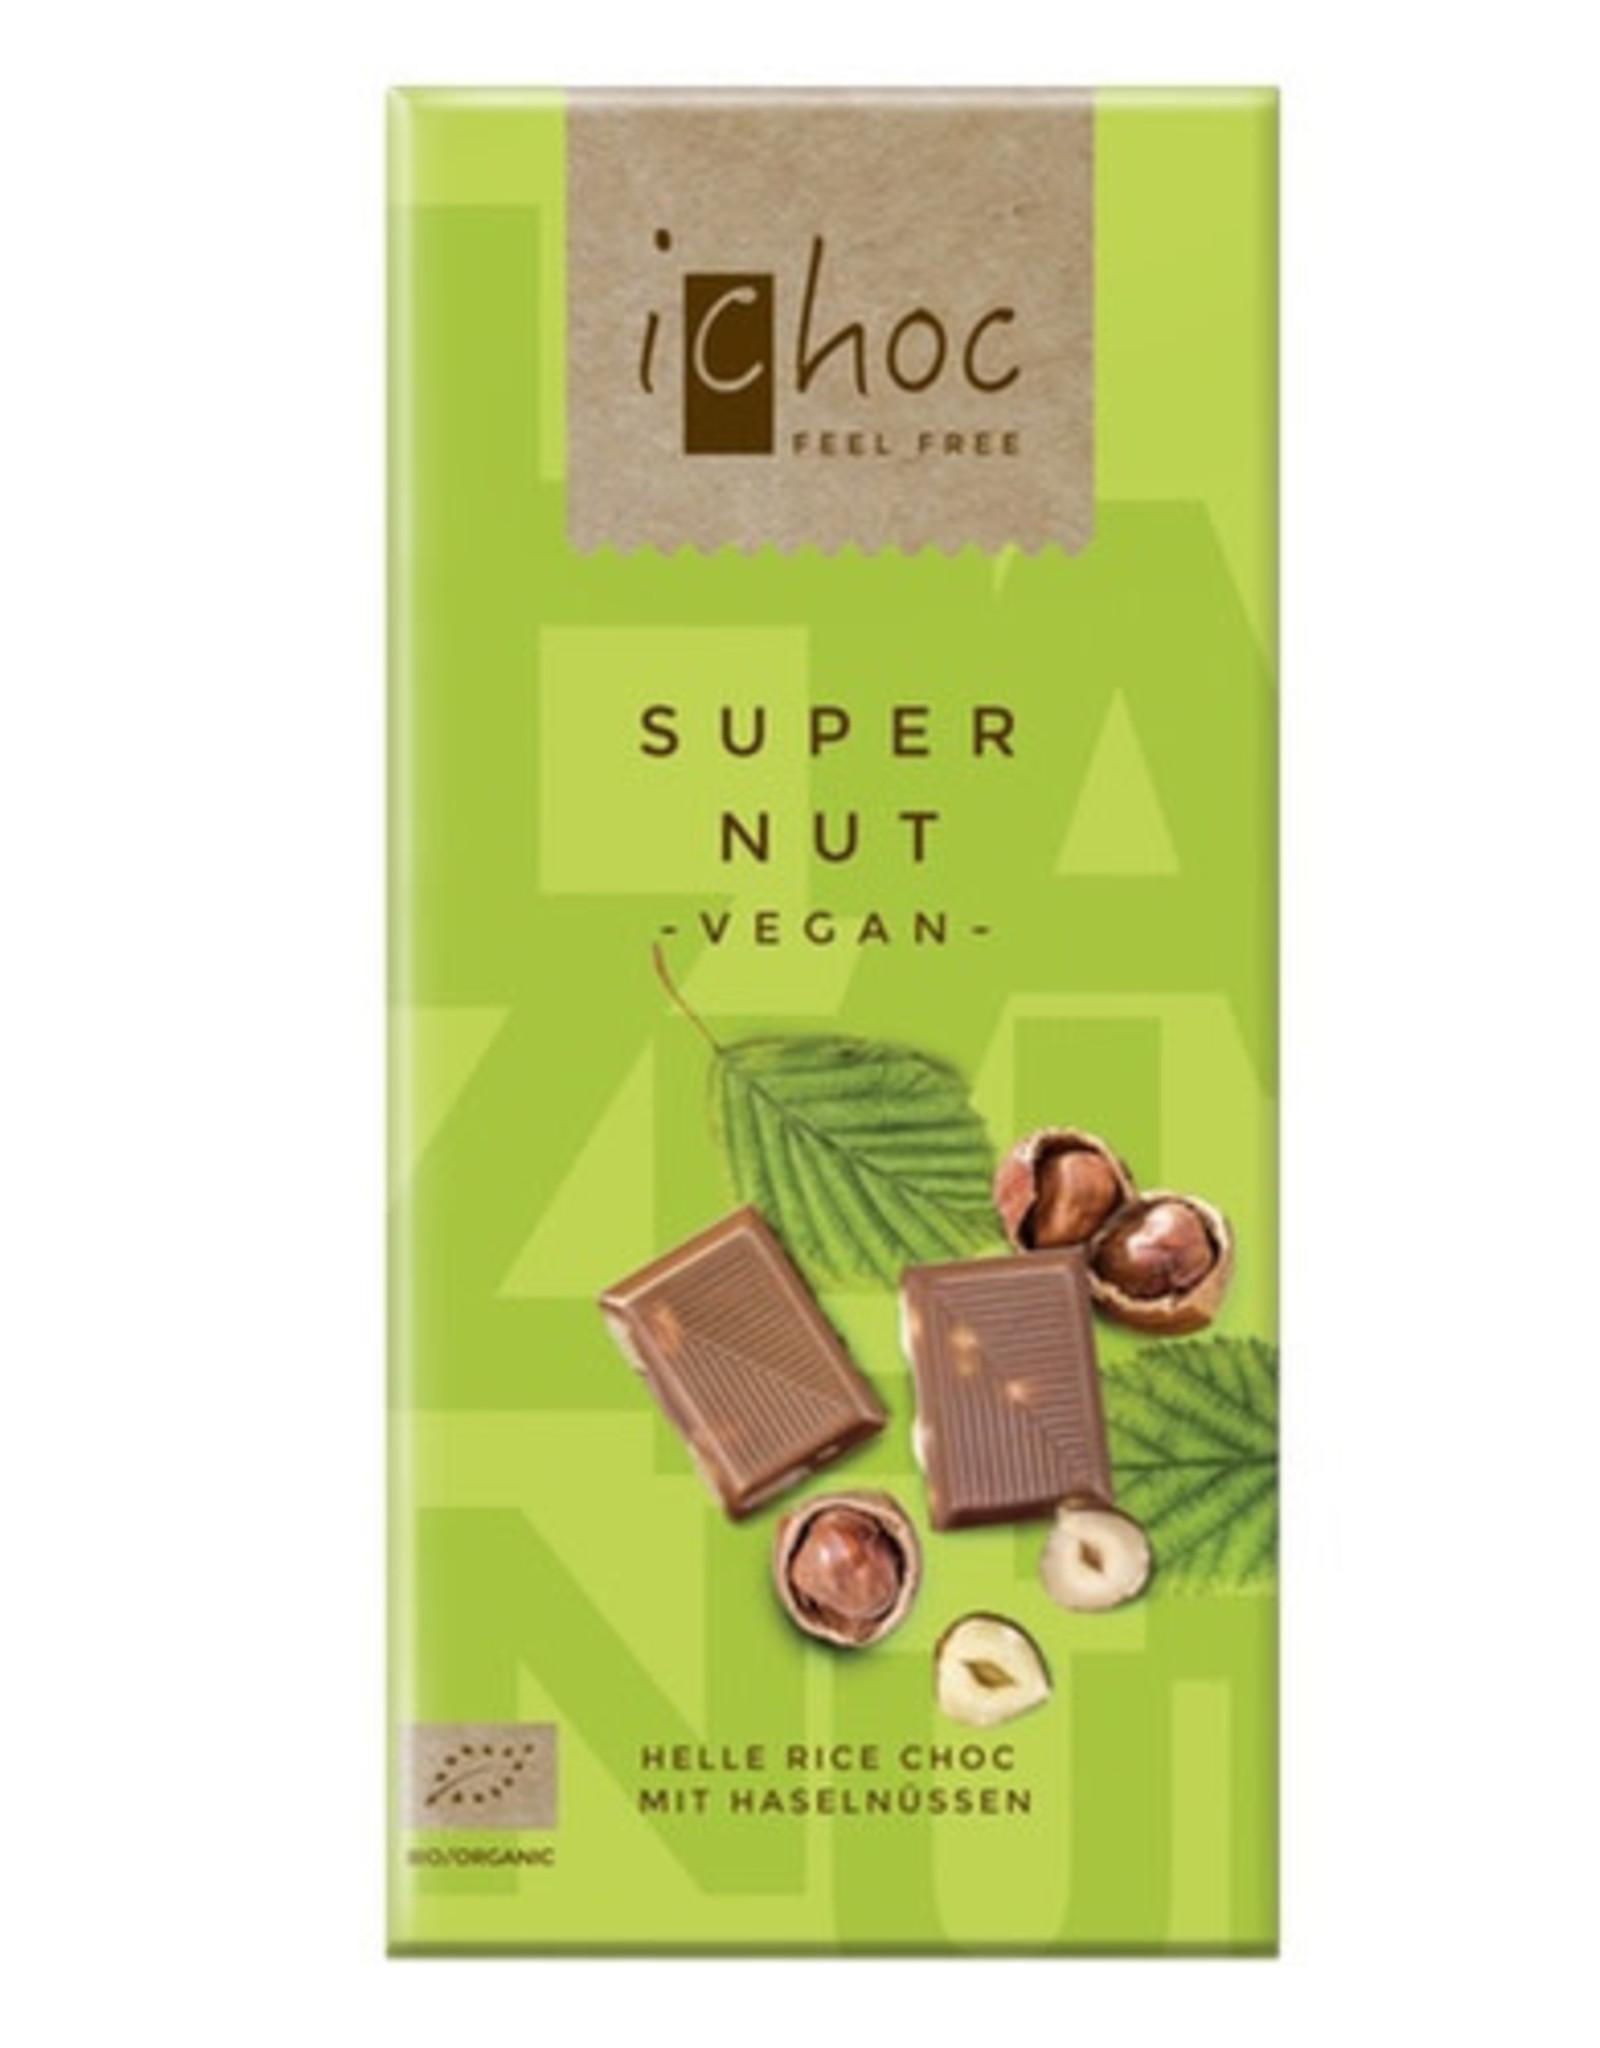 iChoc Super Nut